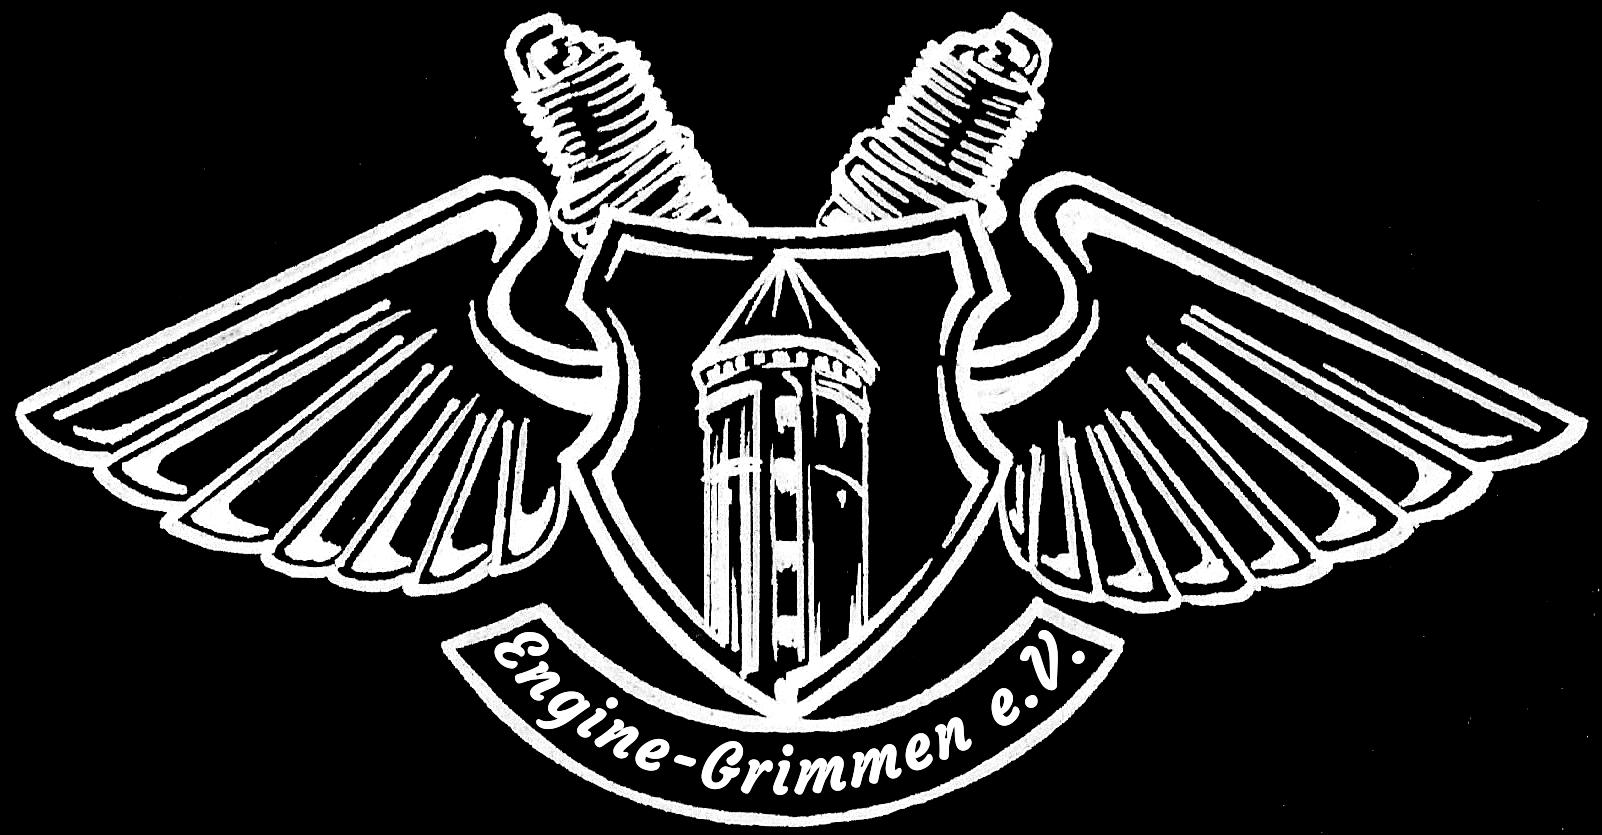 Engine-Grimmen e.V.